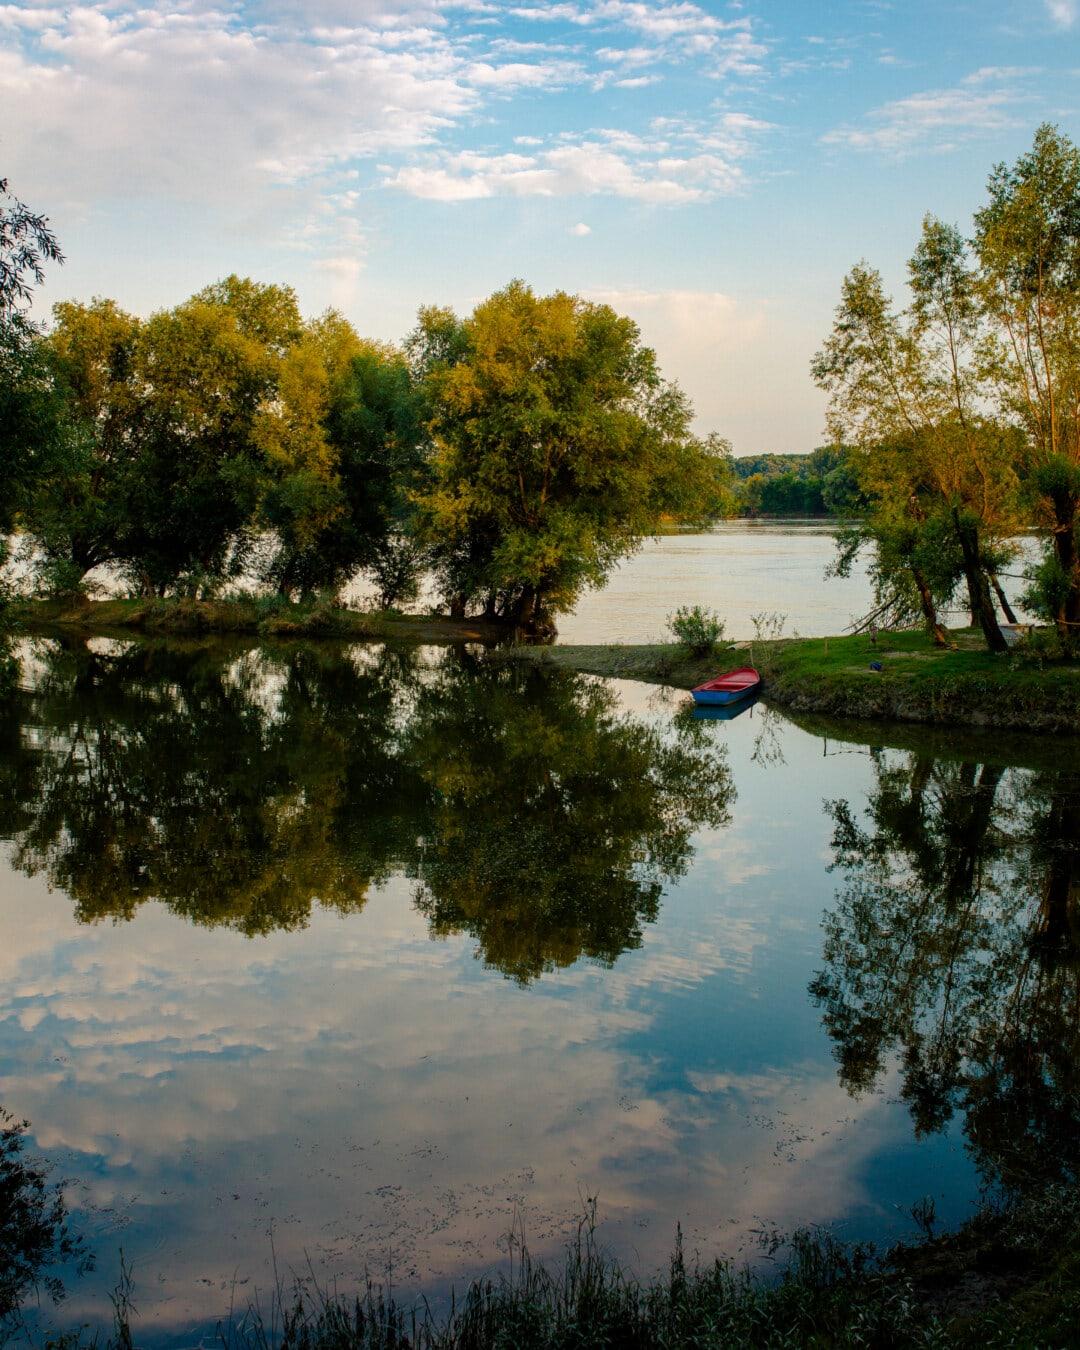 Lac, calme, eau, arbre, paysage, réflexion, nature, été, à l'extérieur, beau temps